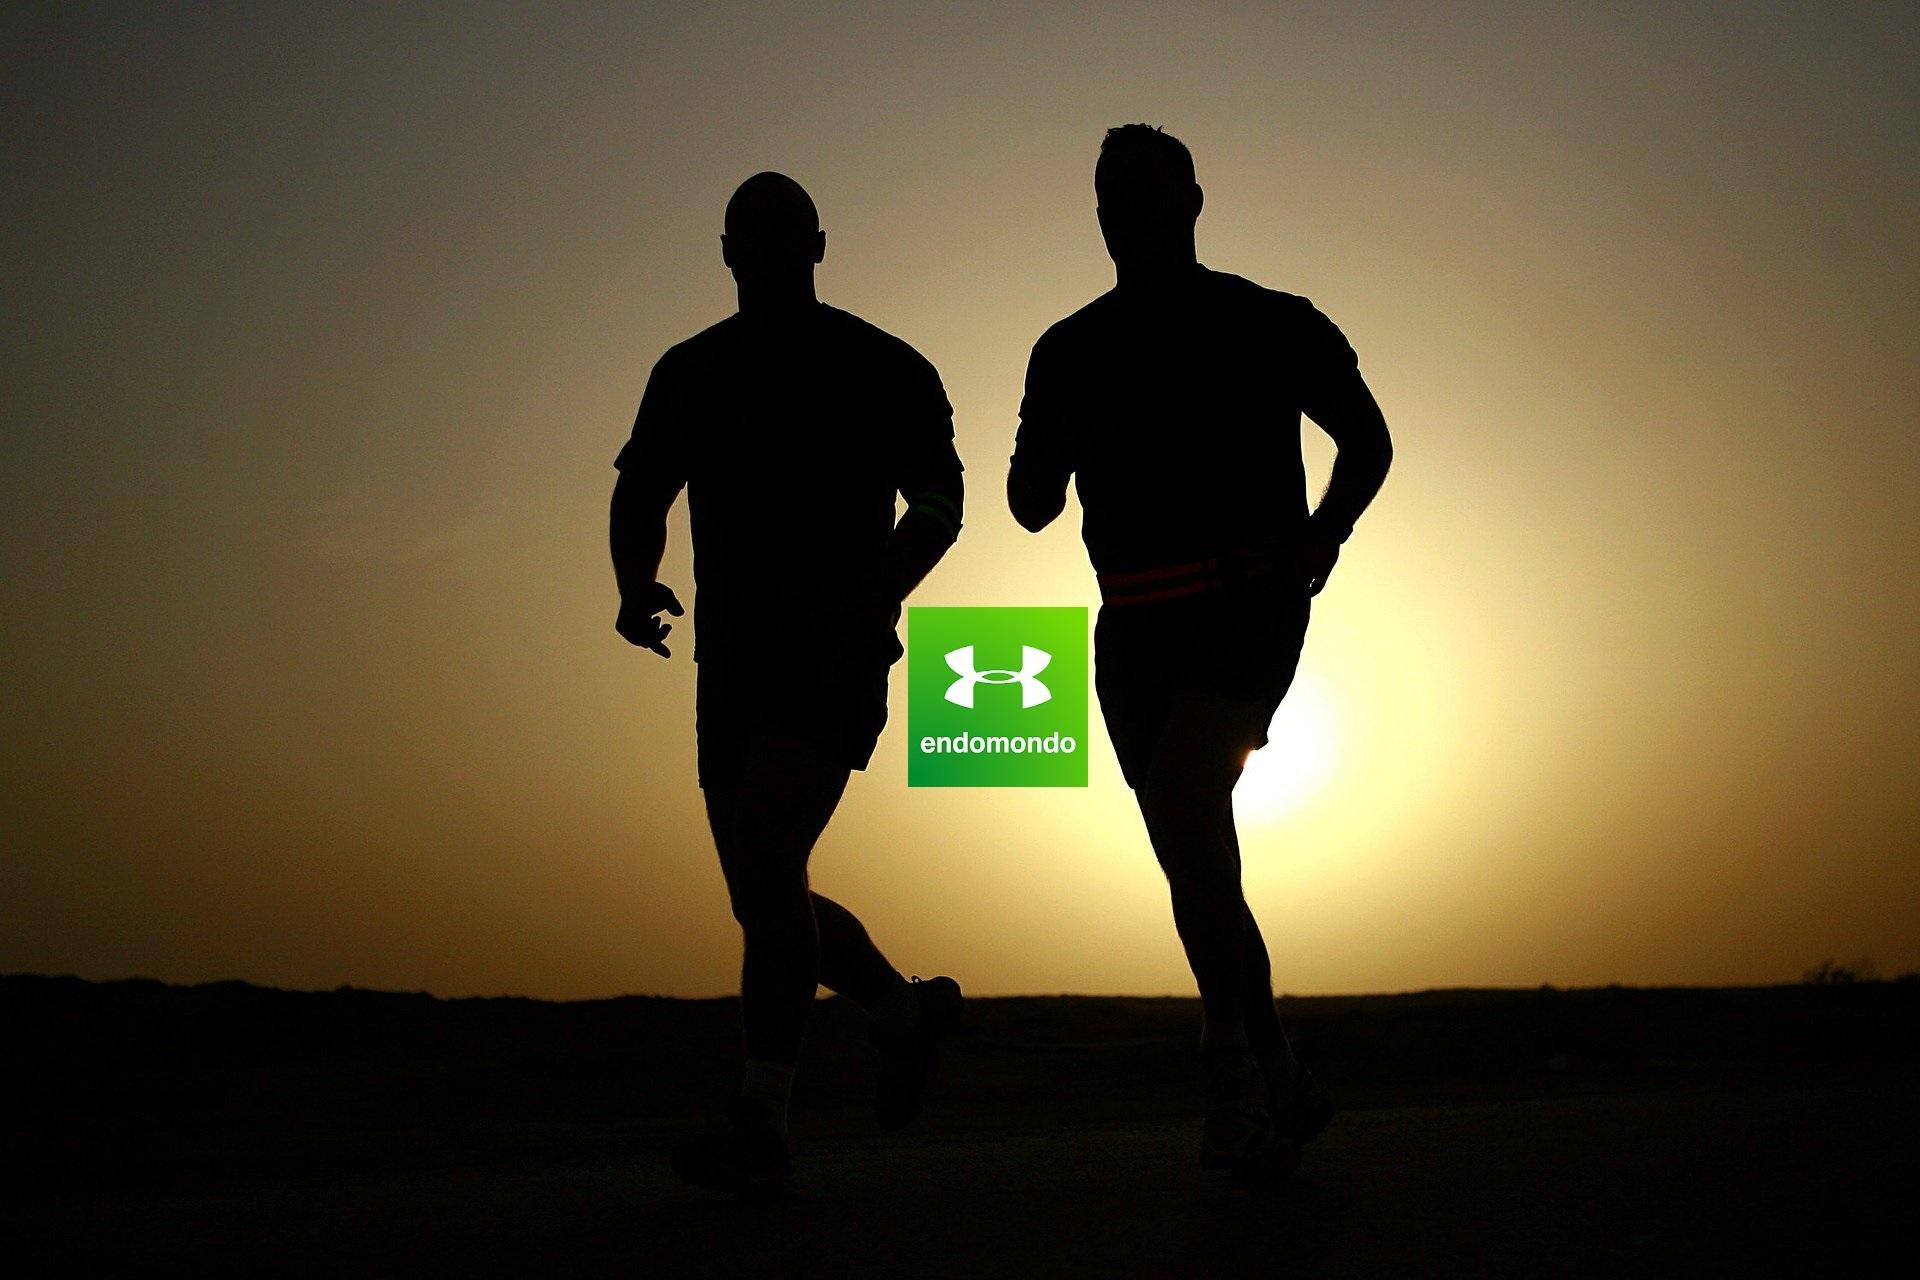 sport bieganie running Endomondo logo